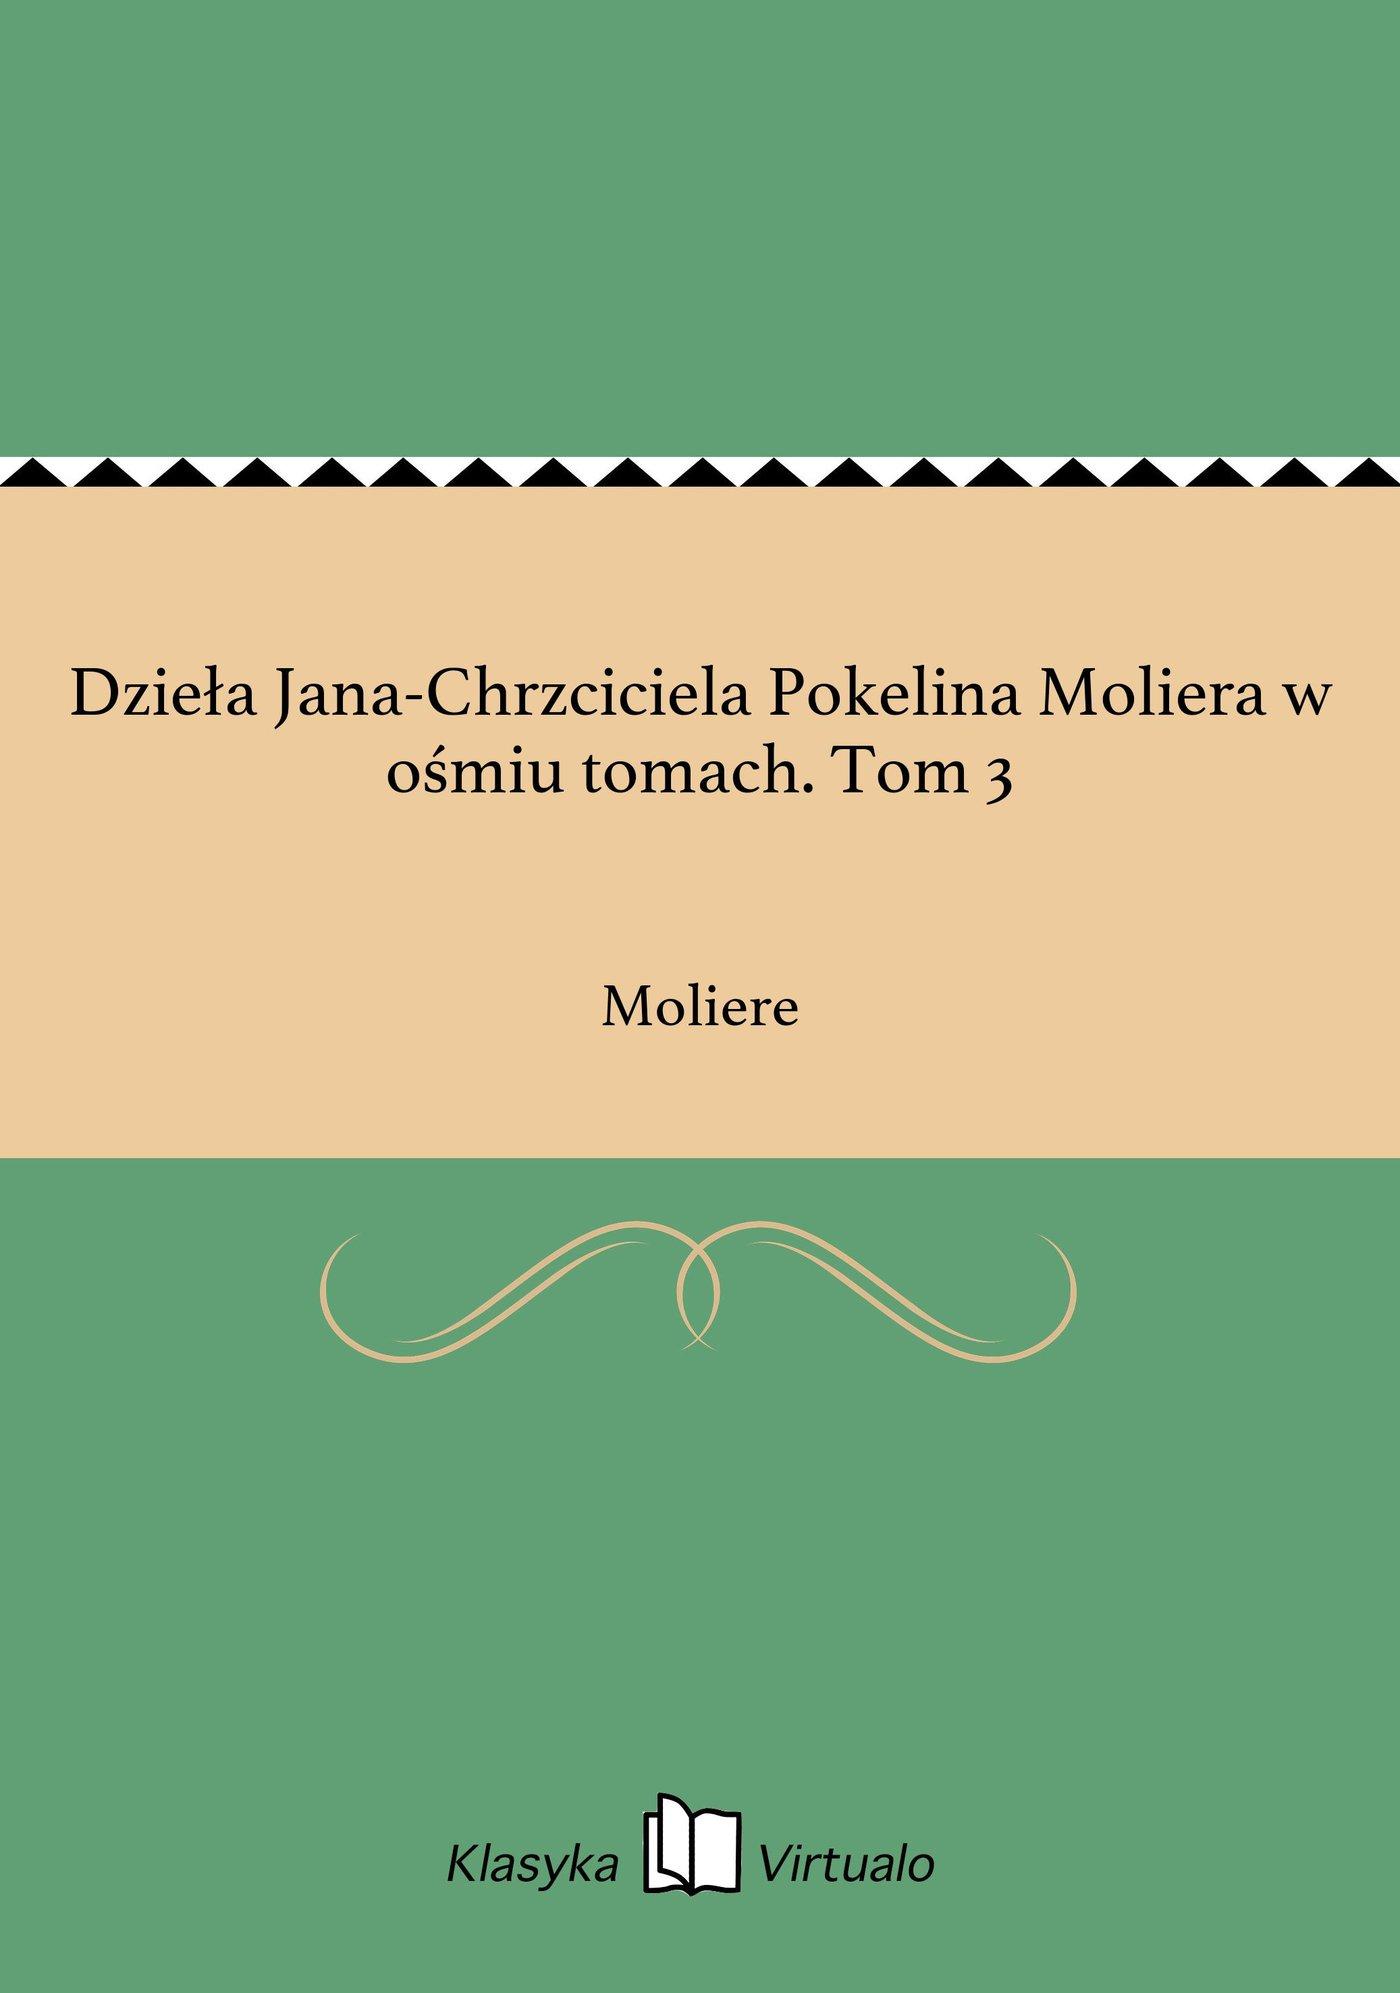 Dzieła Jana-Chrzciciela Pokelina Moliera w ośmiu tomach. Tom 3 - Ebook (Książka EPUB) do pobrania w formacie EPUB